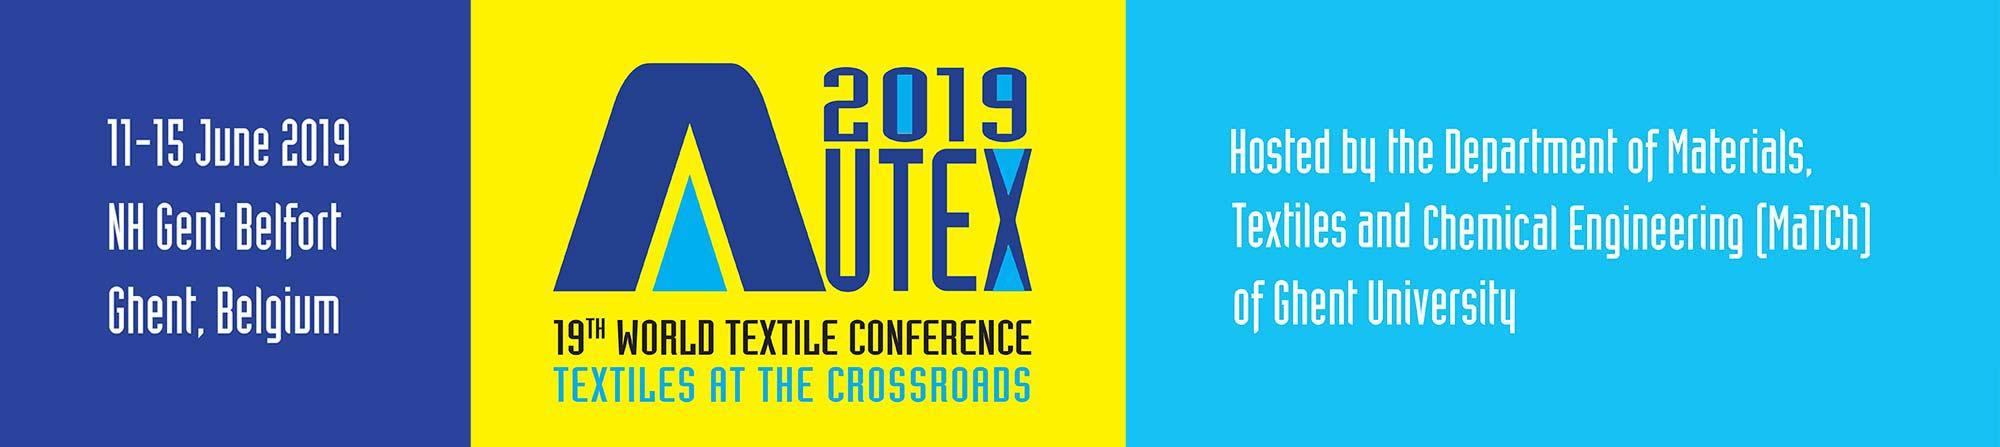 AUTEX 2019